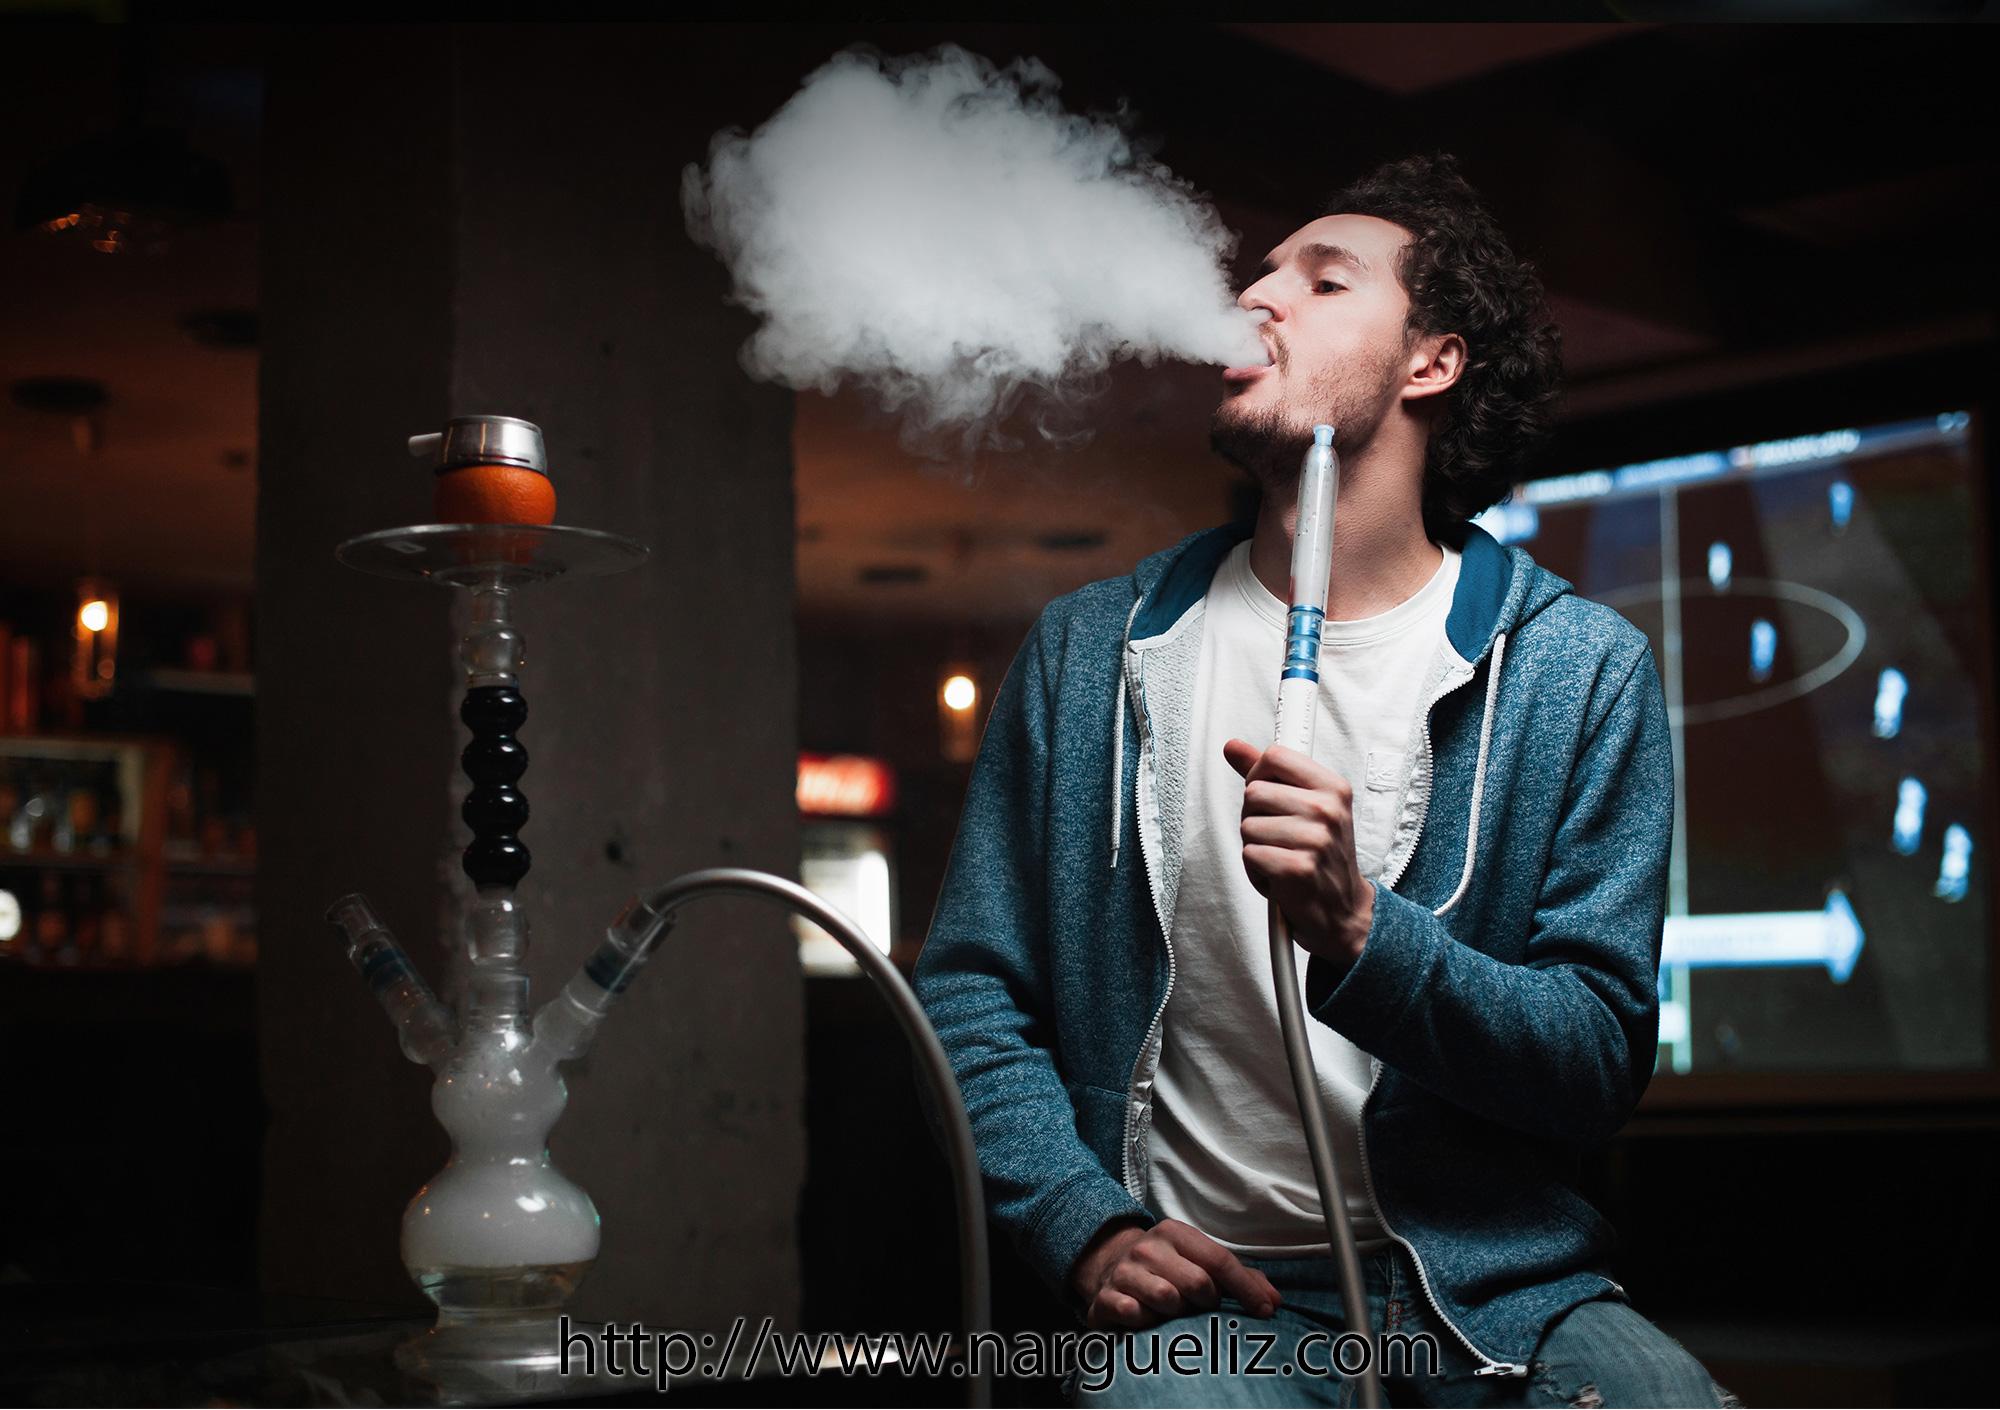 Fumer le narguilé, un plaisir venu d'Orient